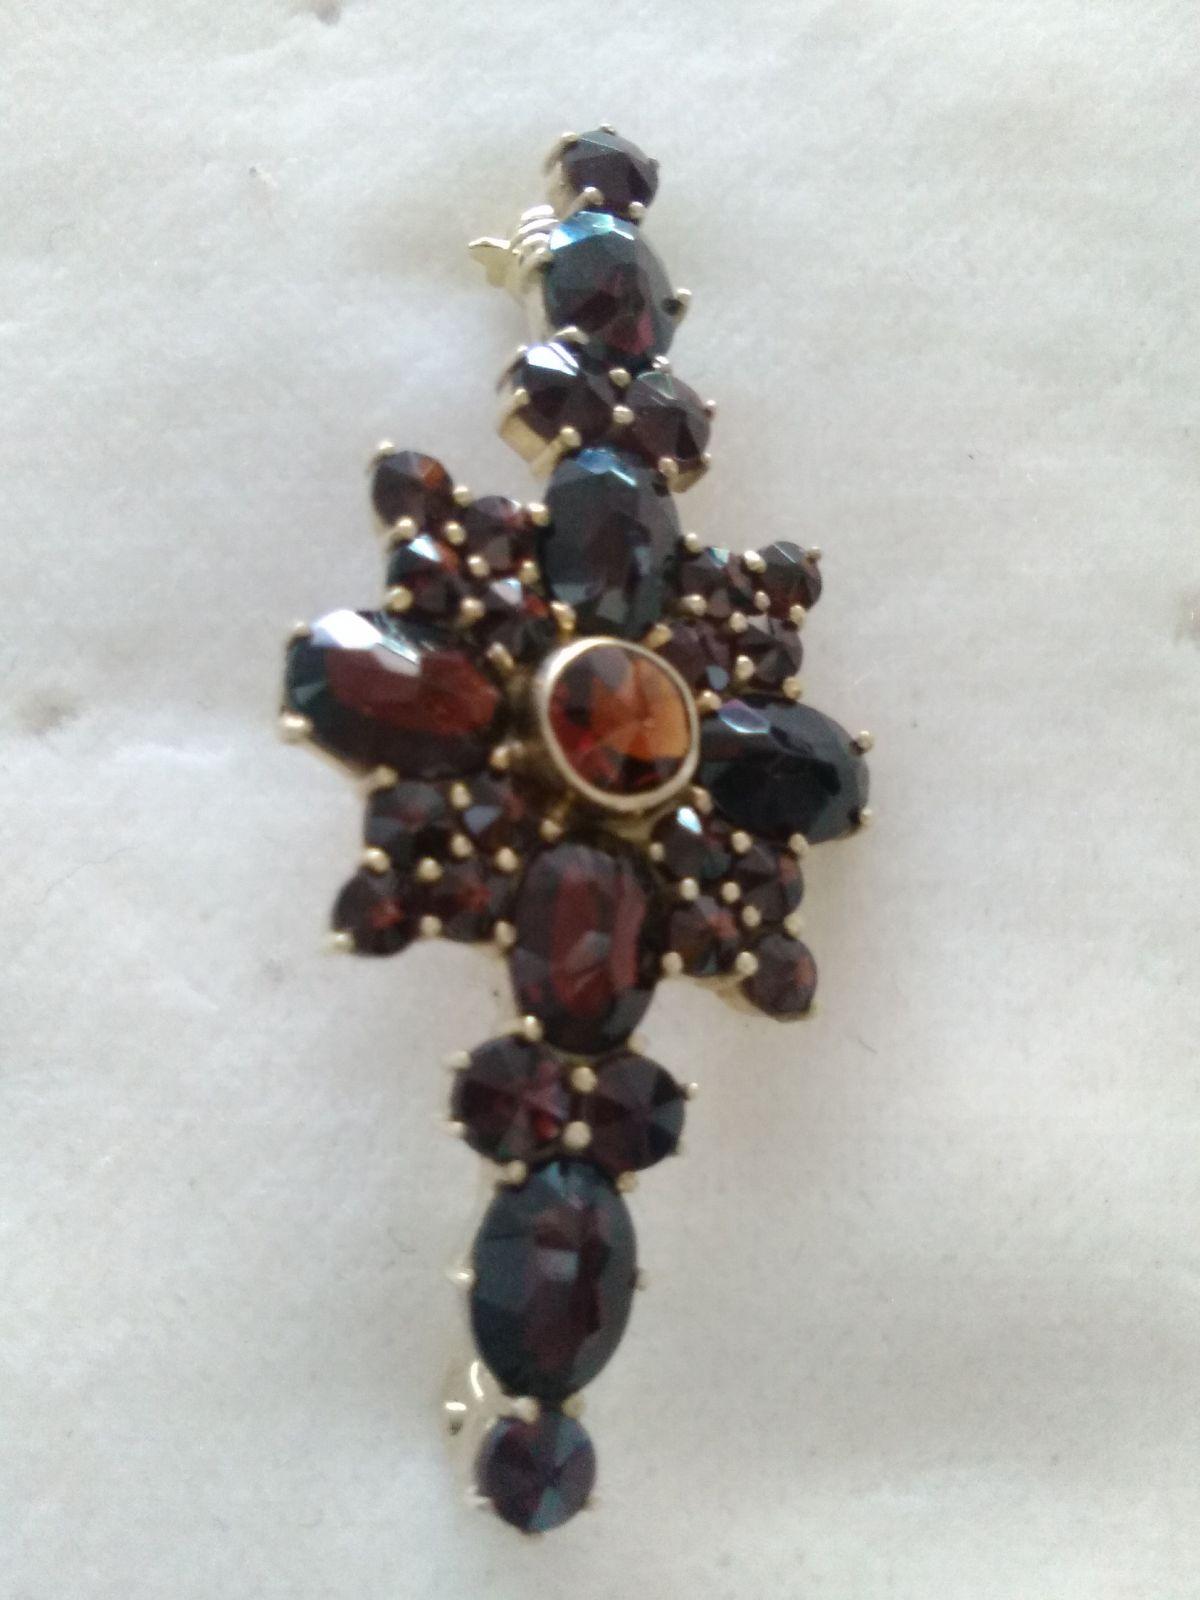 31b3af924 Šperky, dárky U Věrky Most - Věra Růžinová